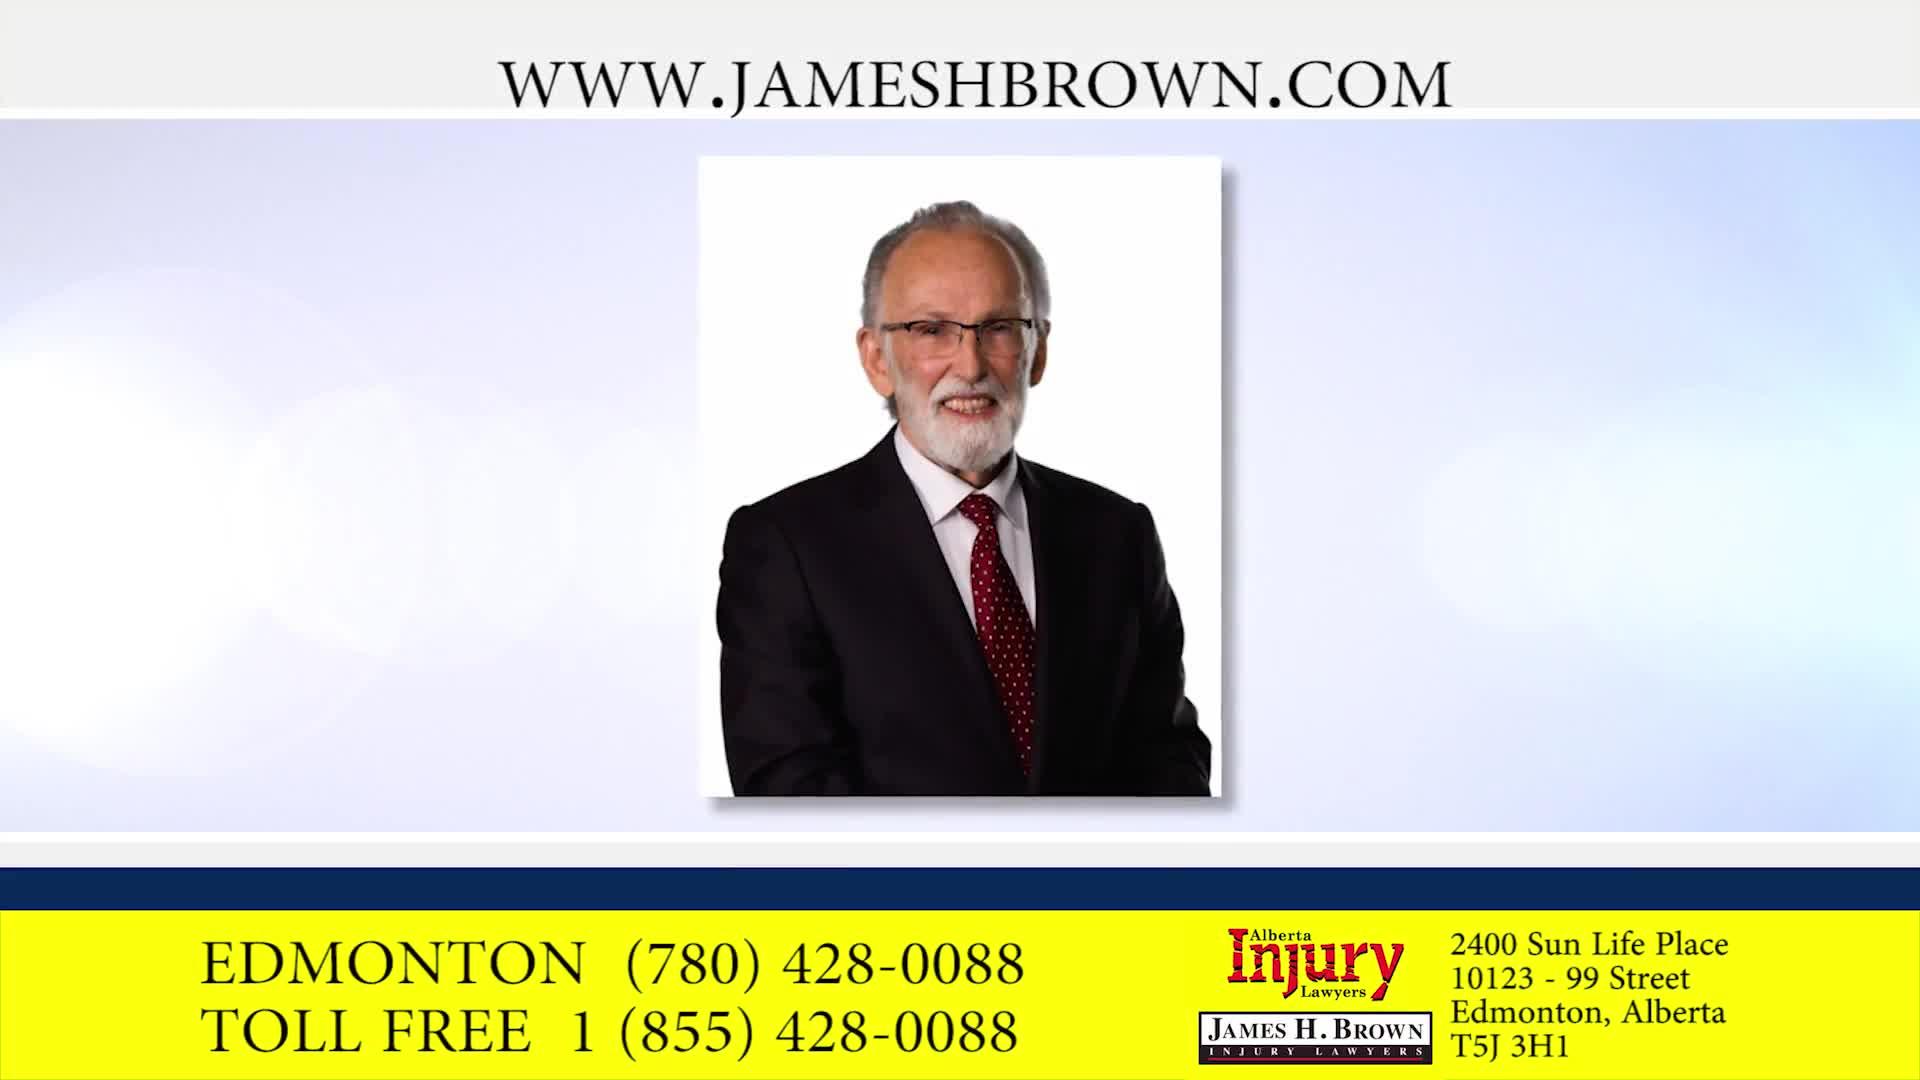 Alberta Injury Lawyers - Personal Injury Lawyers - 1-844-280-7051